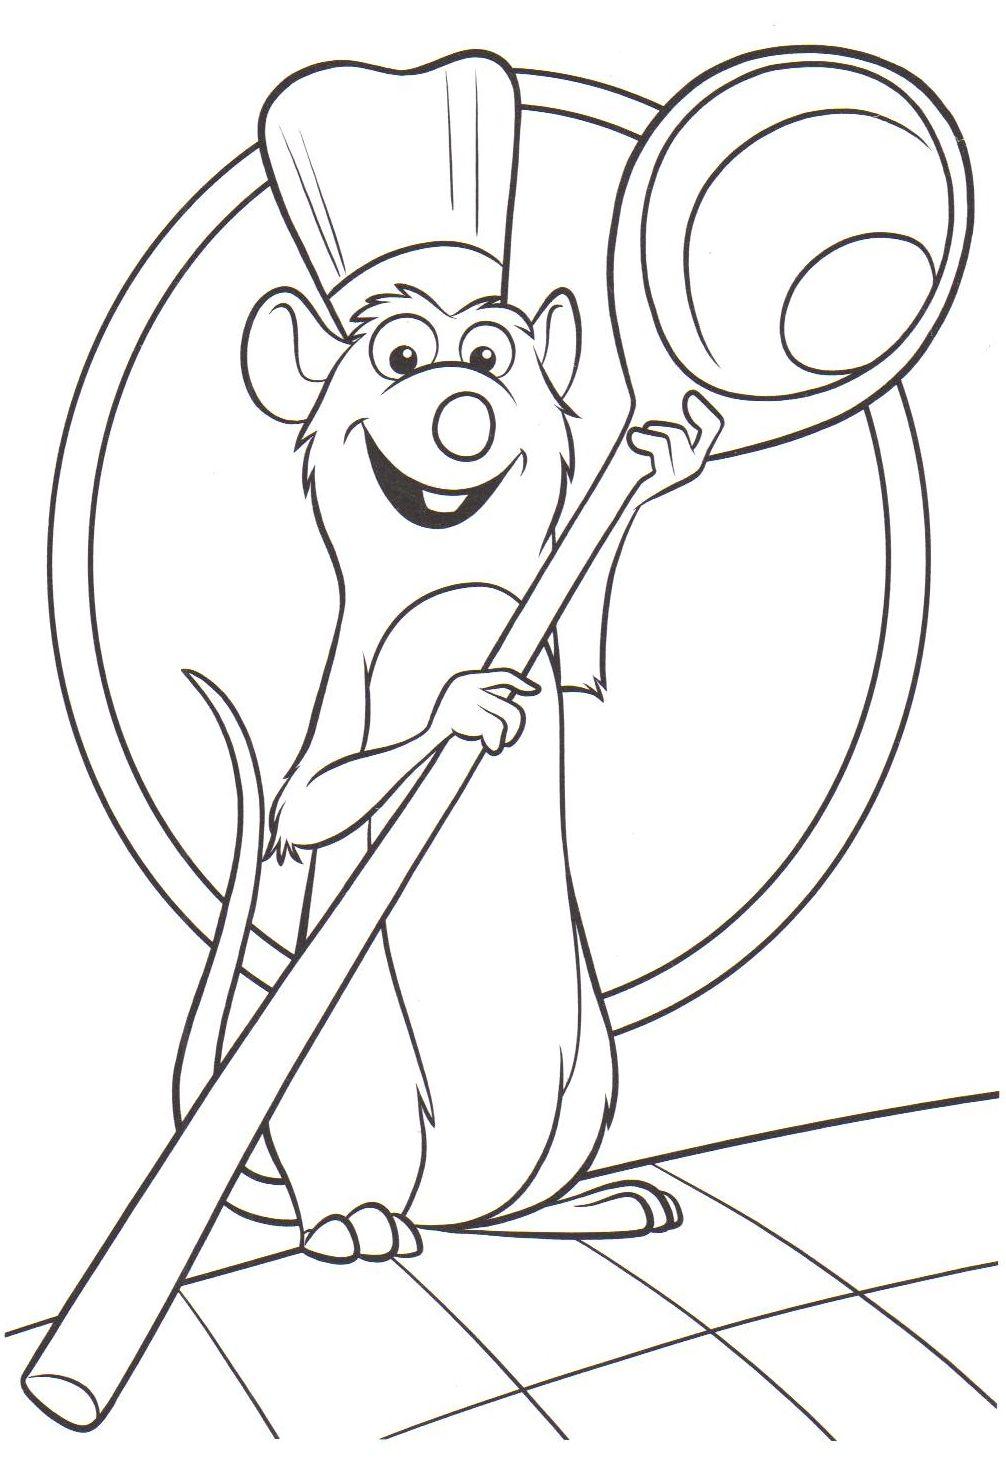 Coloriage a imprimer ratatouille gratuit et colorier - Dessin anime ratatouille gratuit ...